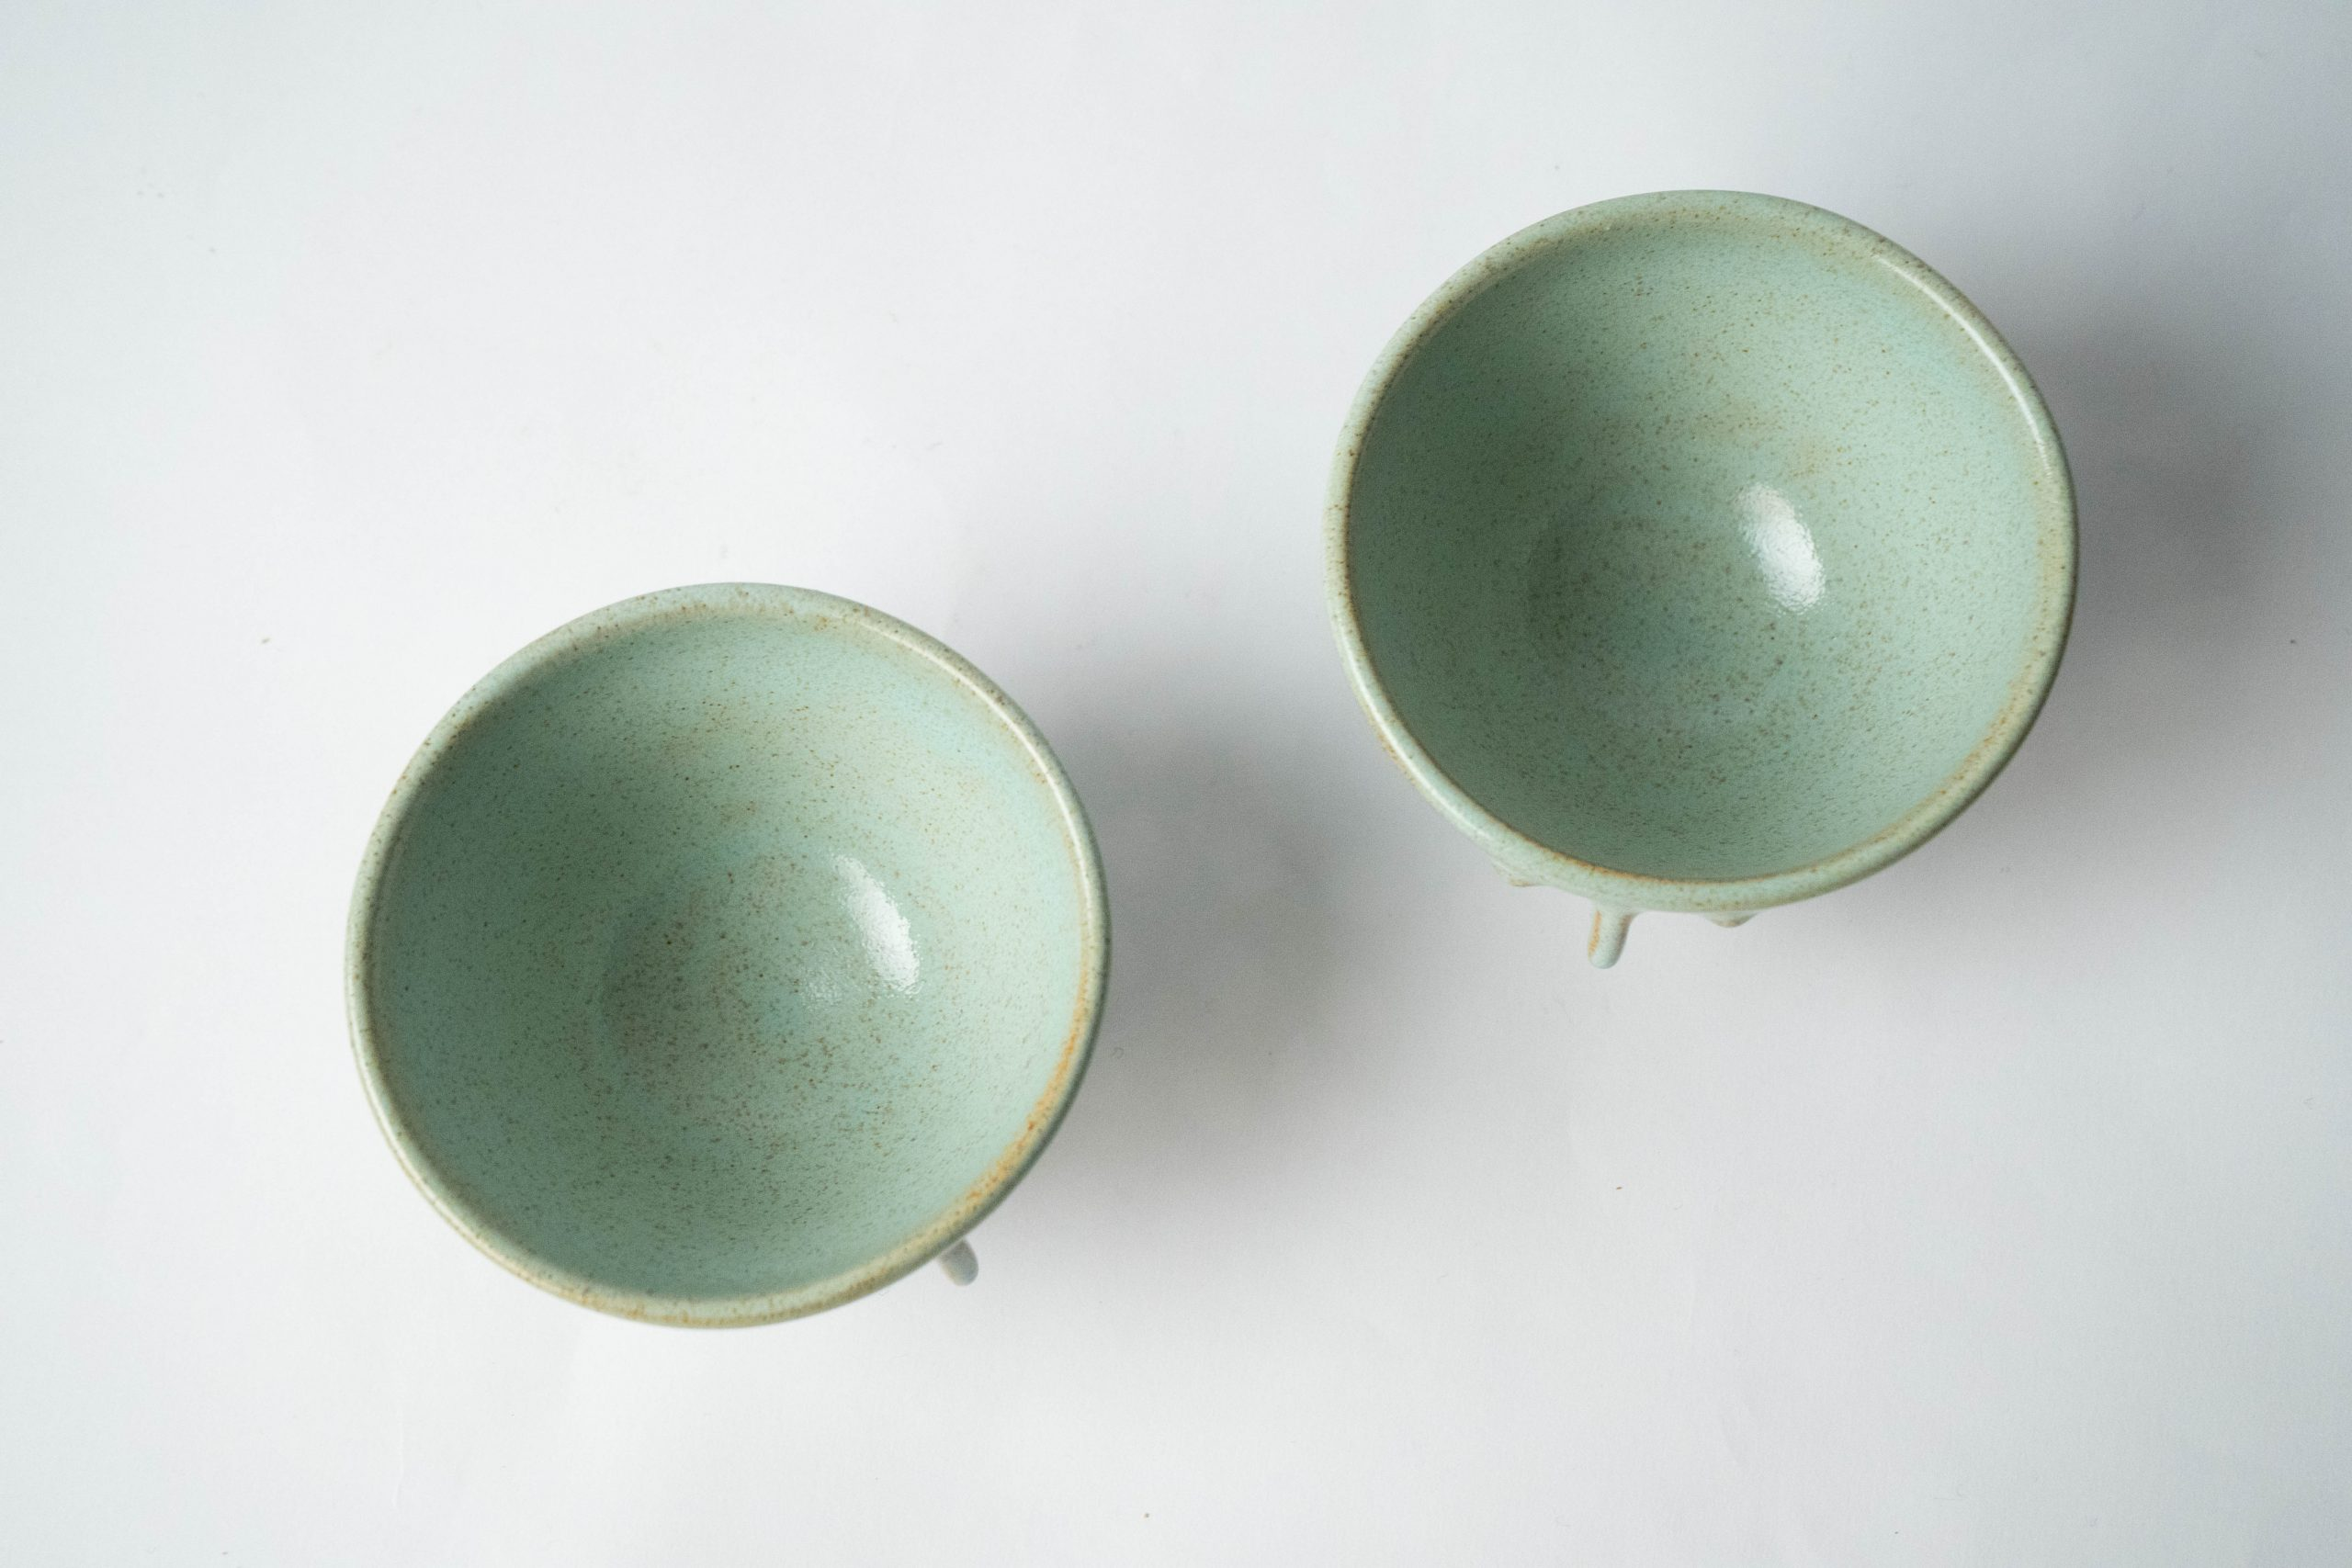 set de dos tazas verdes turquesa fabricadas a mano triangulares nariz